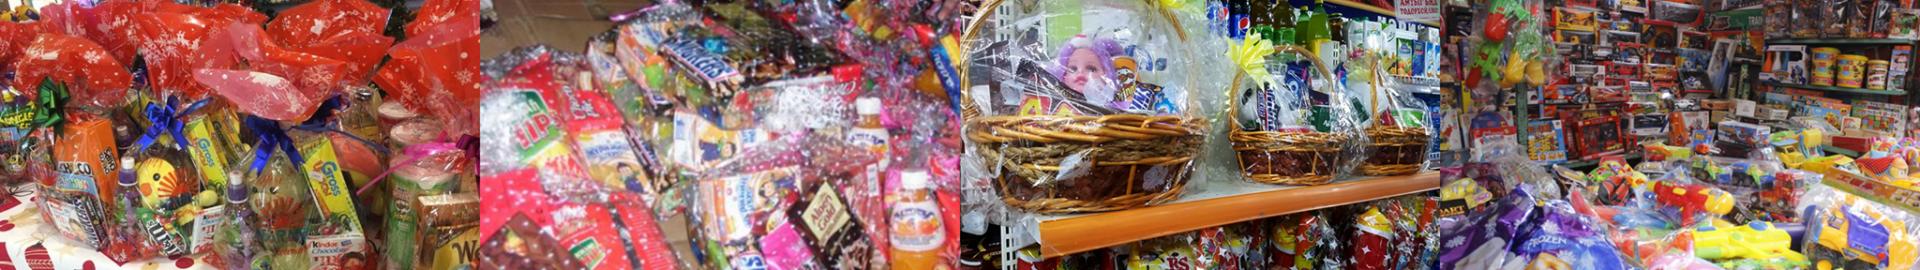 Хүүхдийн баяраар их хэмжээний чихэр, чихэрлэг бүтээгдэхүүн агуулсан бэлэгнээс татгалзахыг уриаллаа